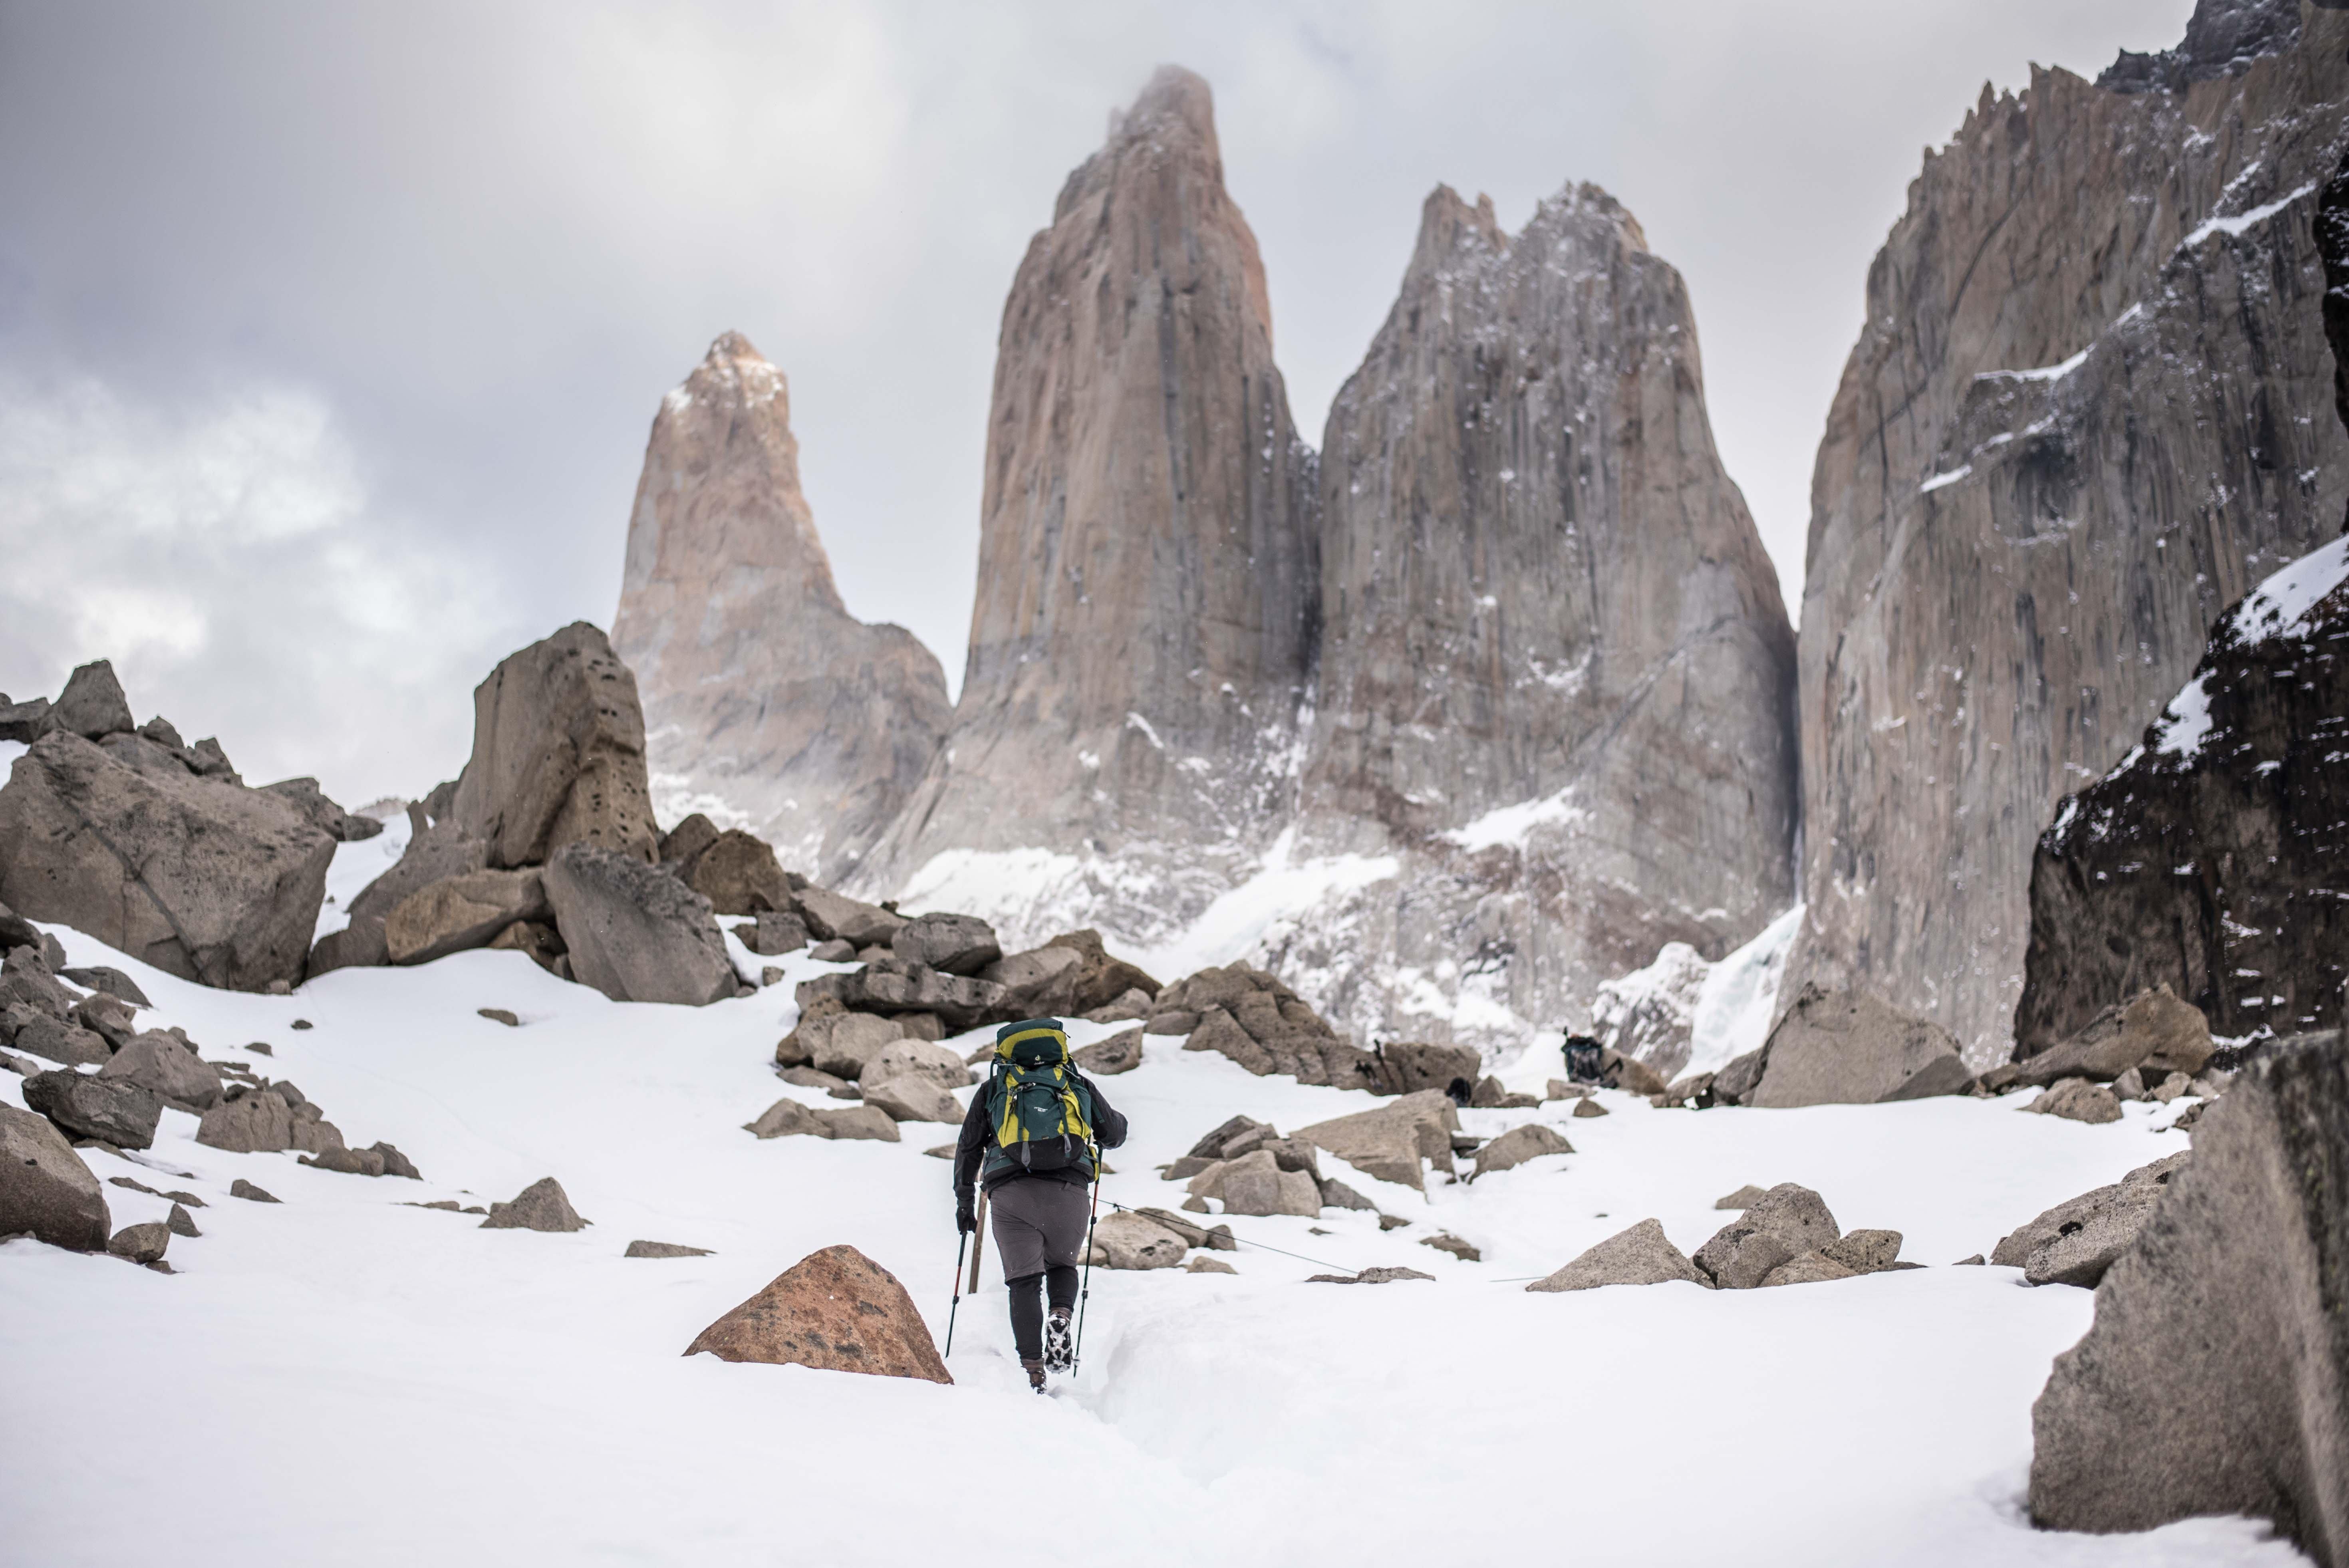 Winter W Trek (1 of 1)